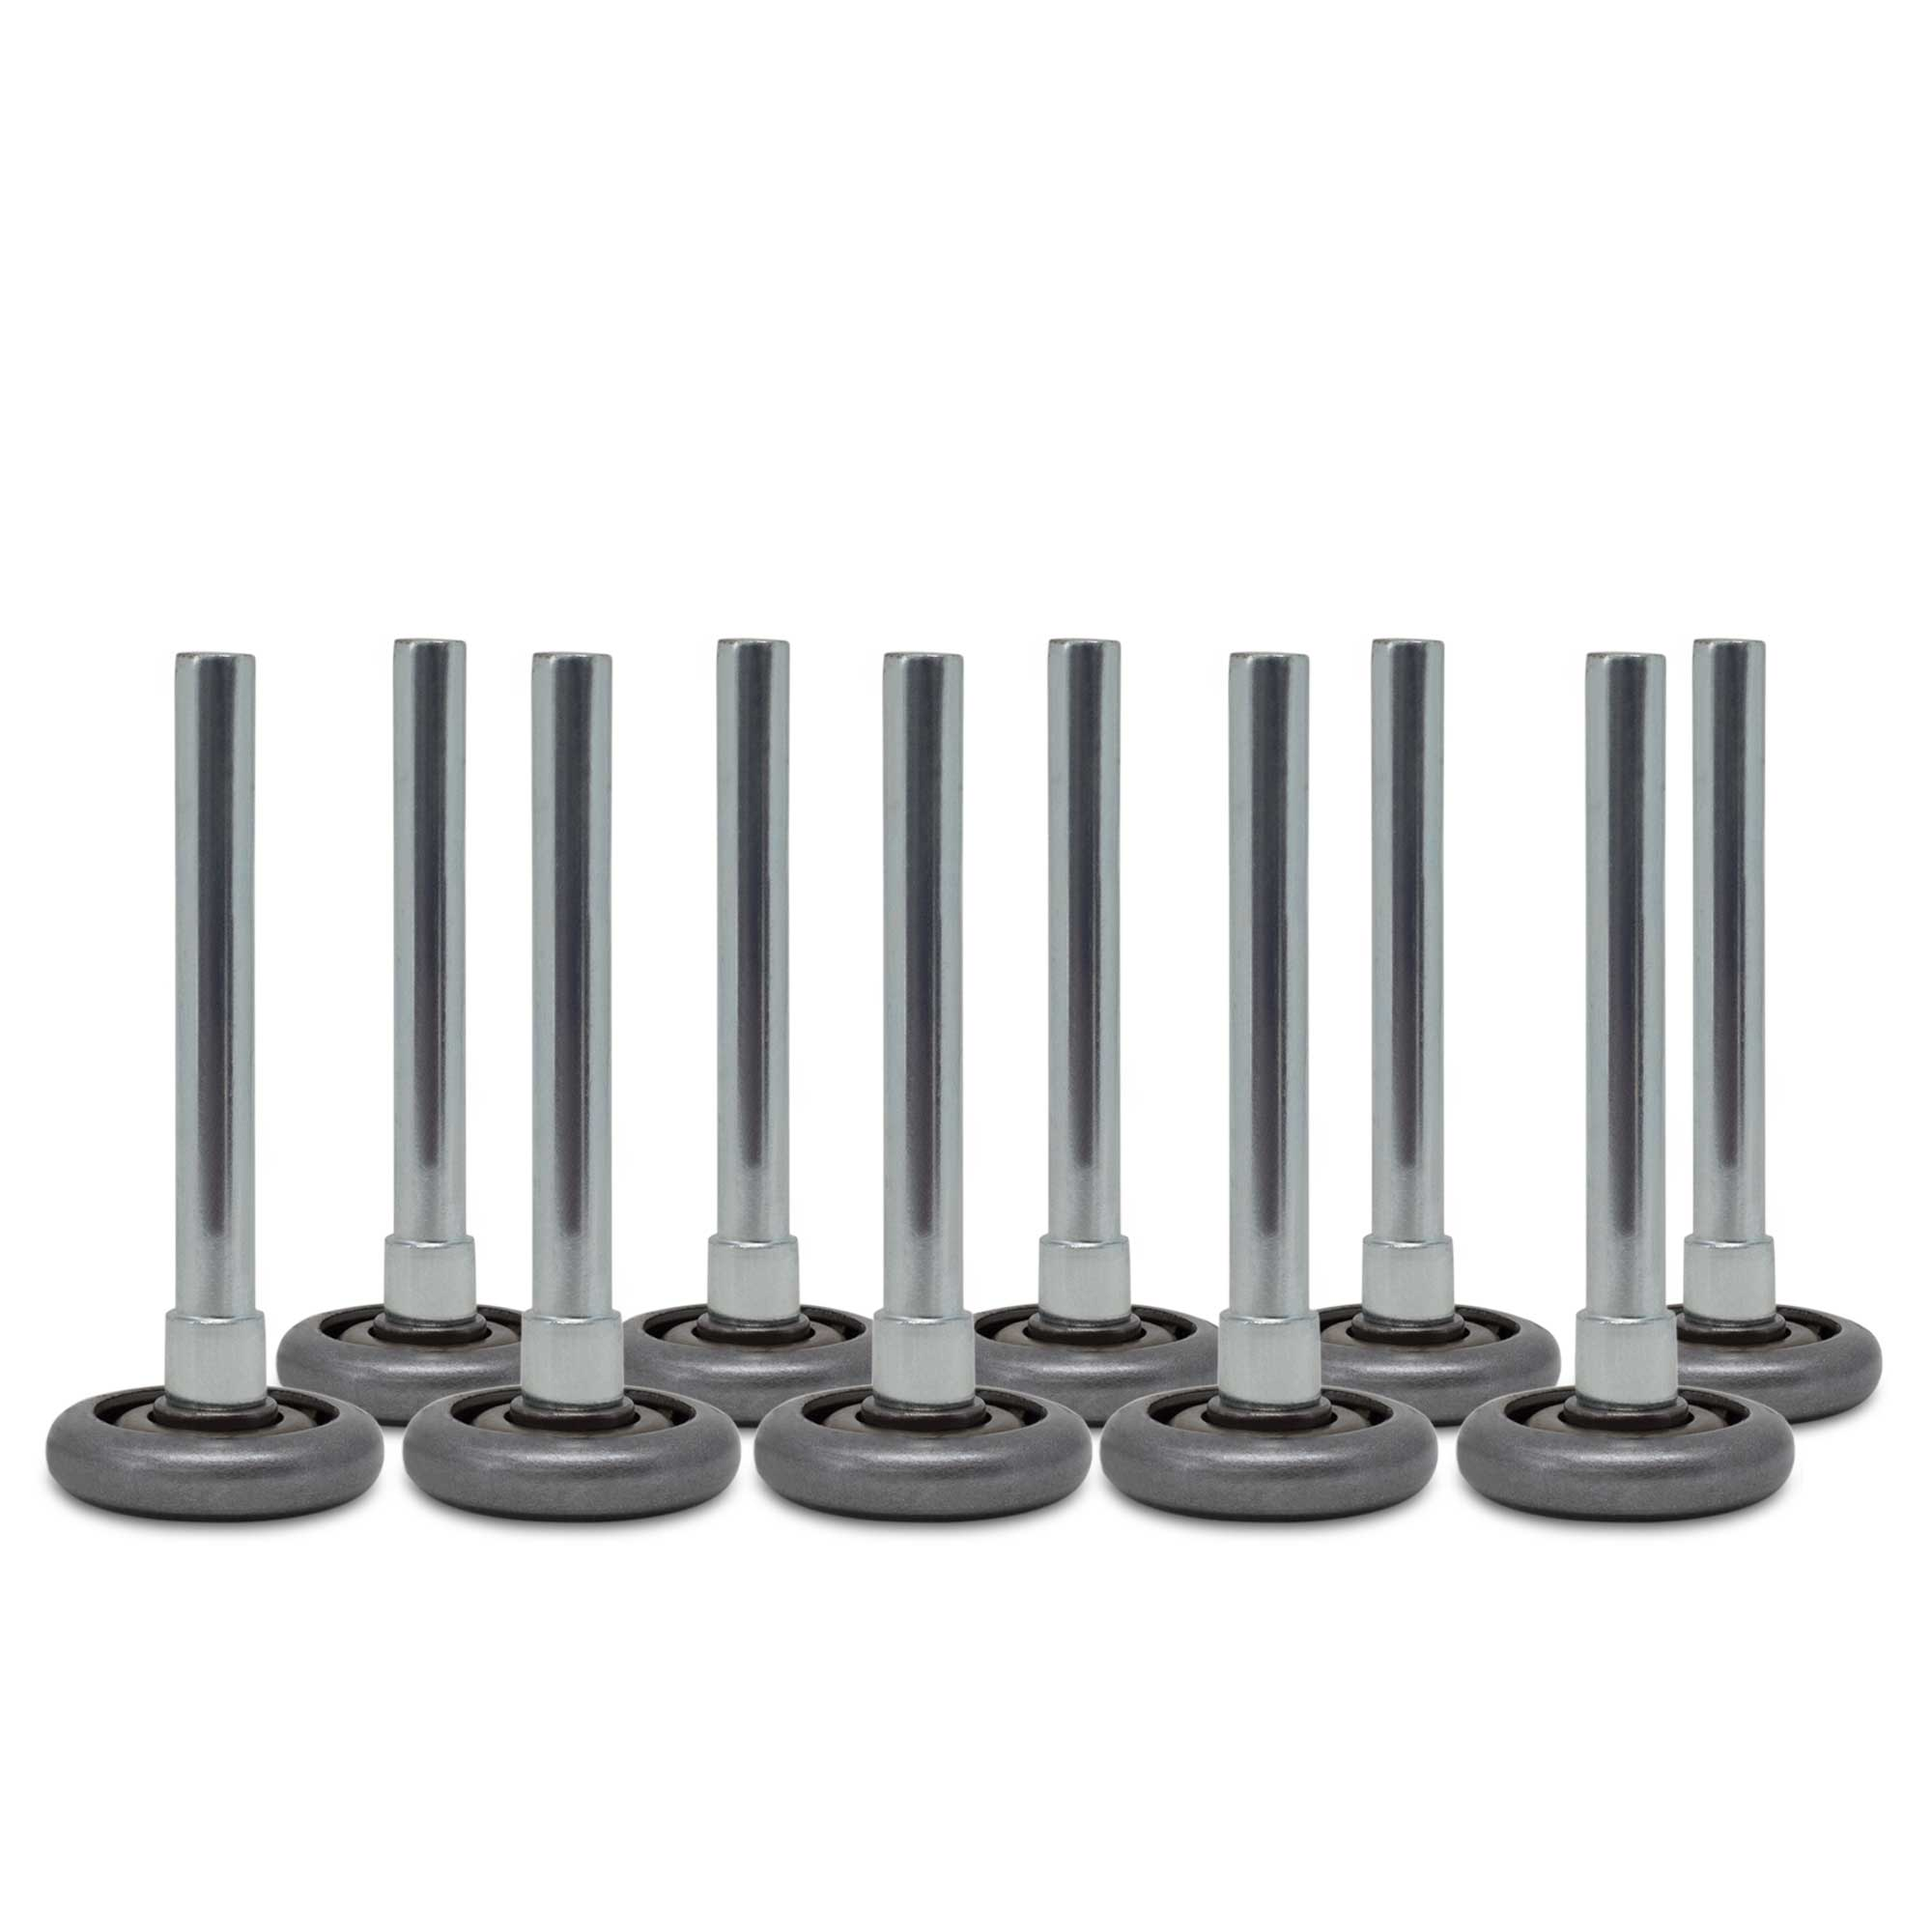 """Garage door rollers - 2"""" Steel Wheels with 10 ball-bearings & 4"""" stem (10-pack)"""